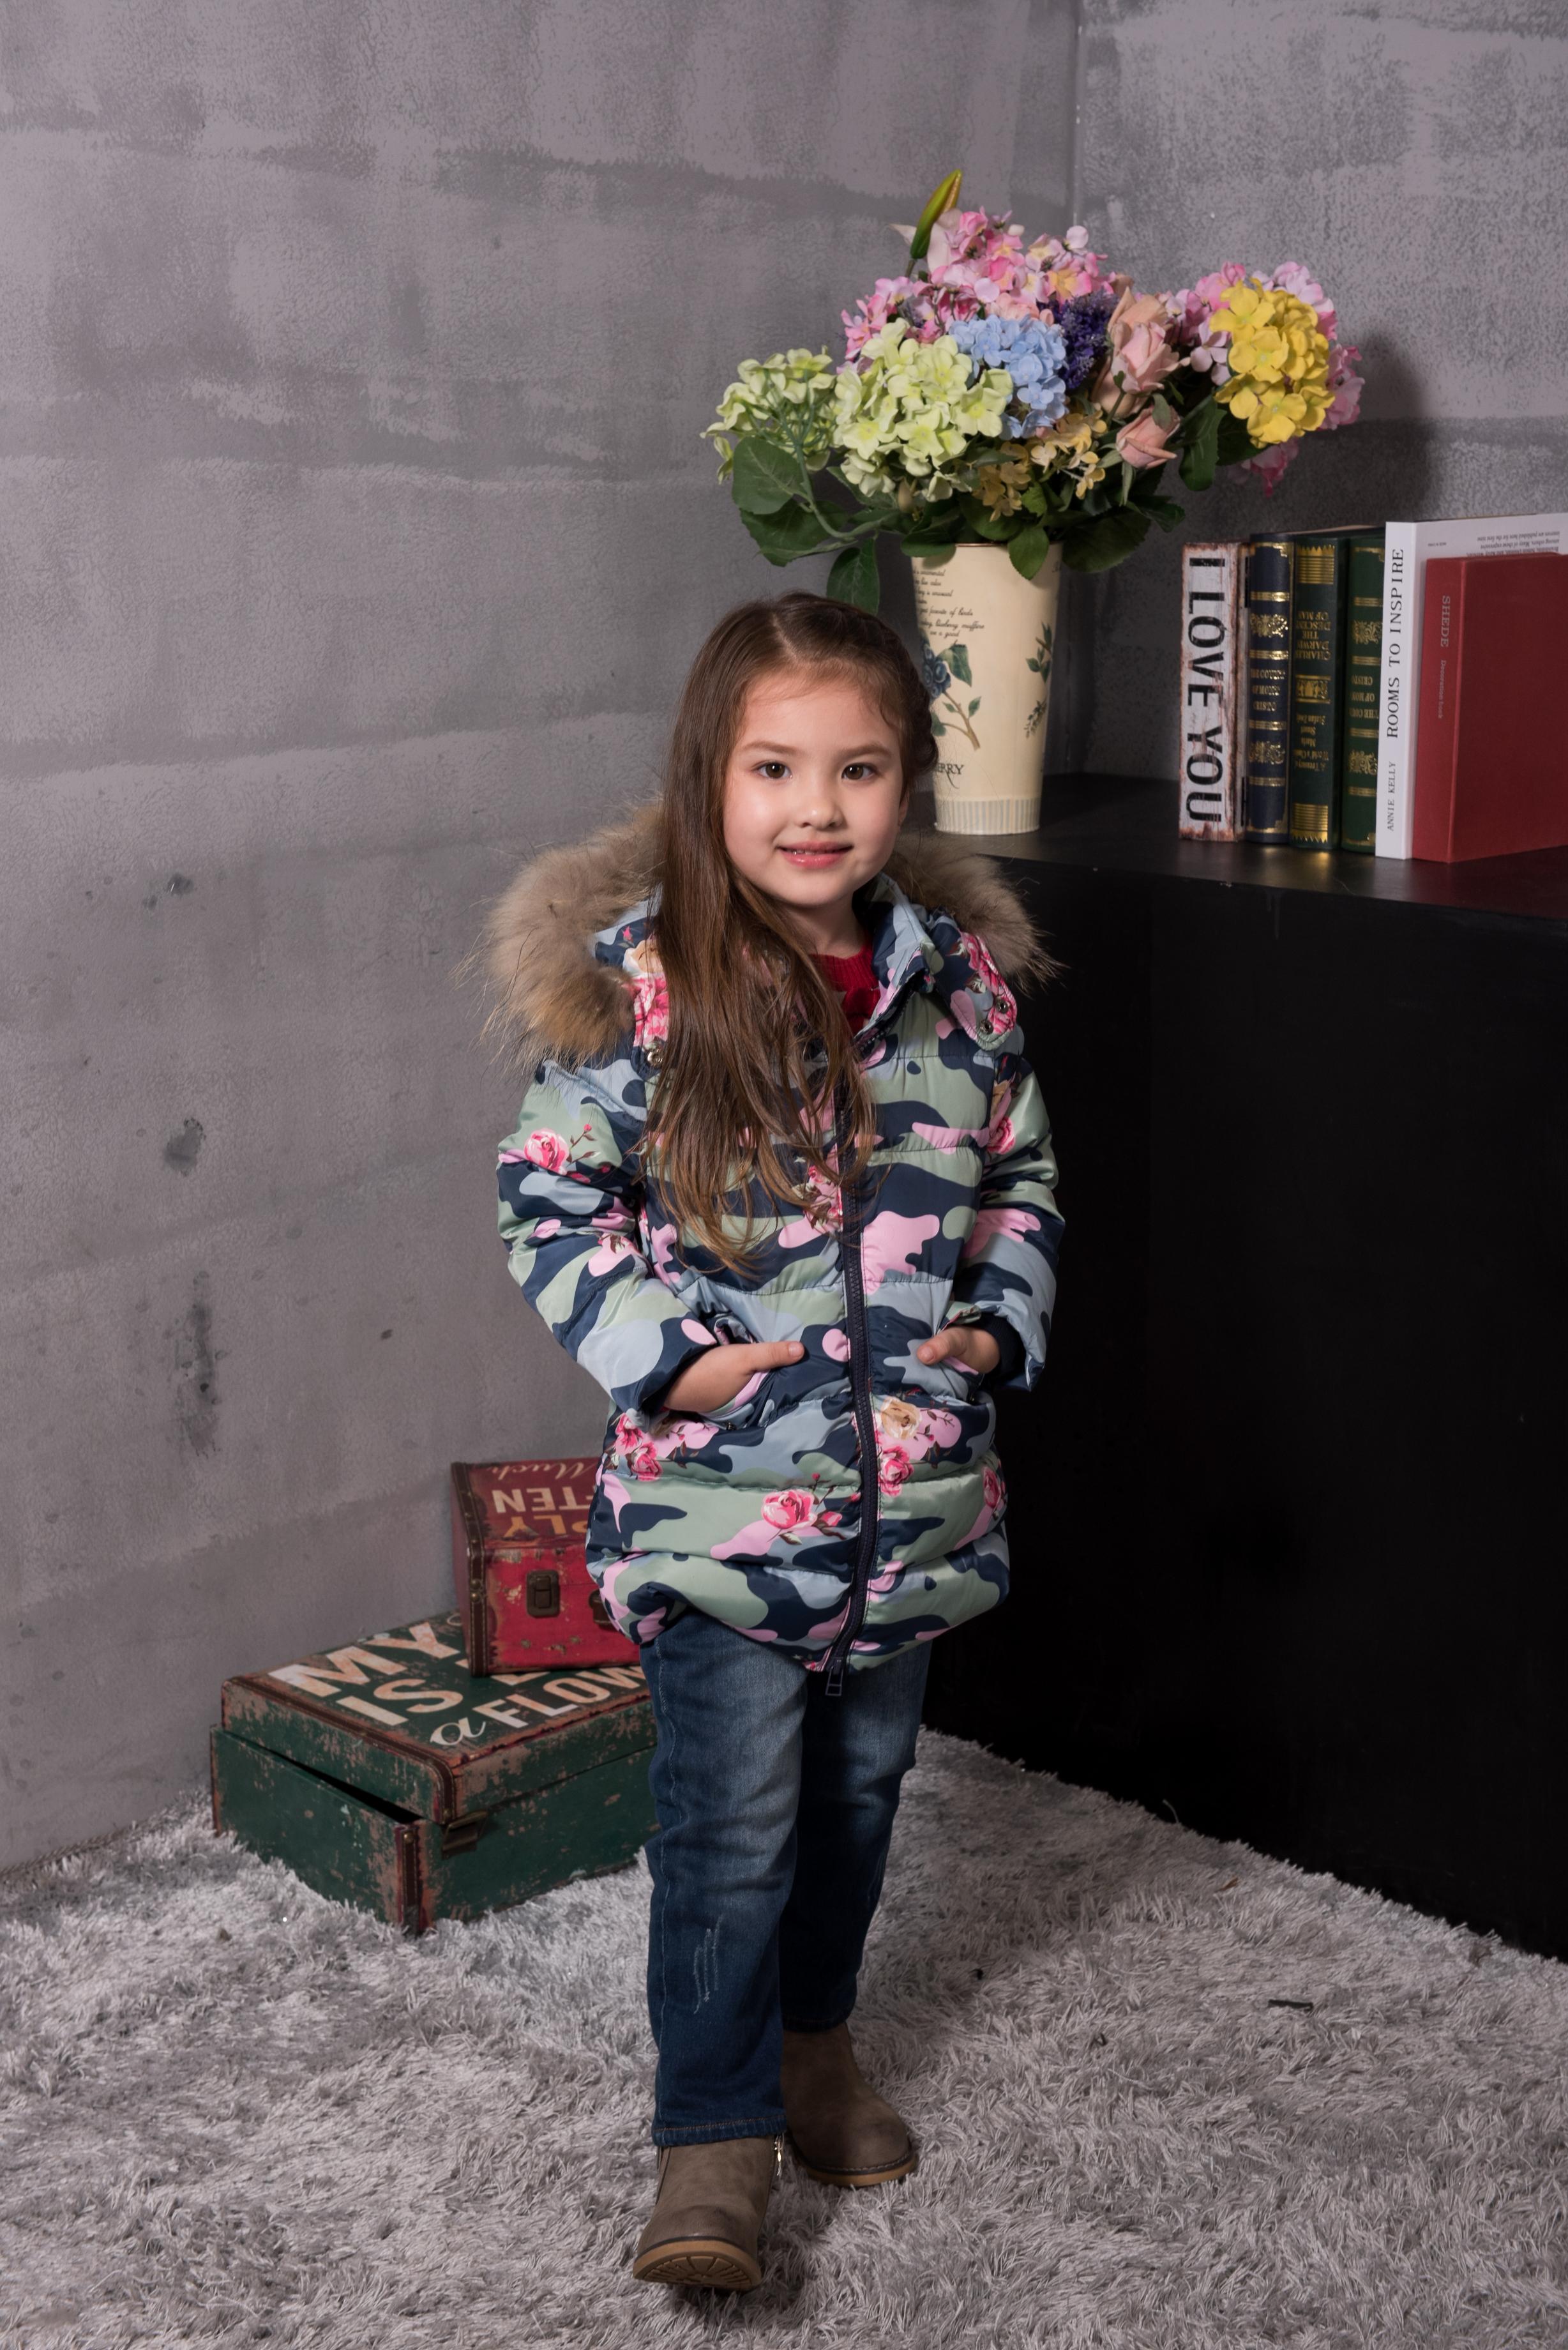 厂家直销 男女童羽绒外套 广州男女童羽绒外加工定制 冬季男女童羽绒外套 童装羽绒外套批发